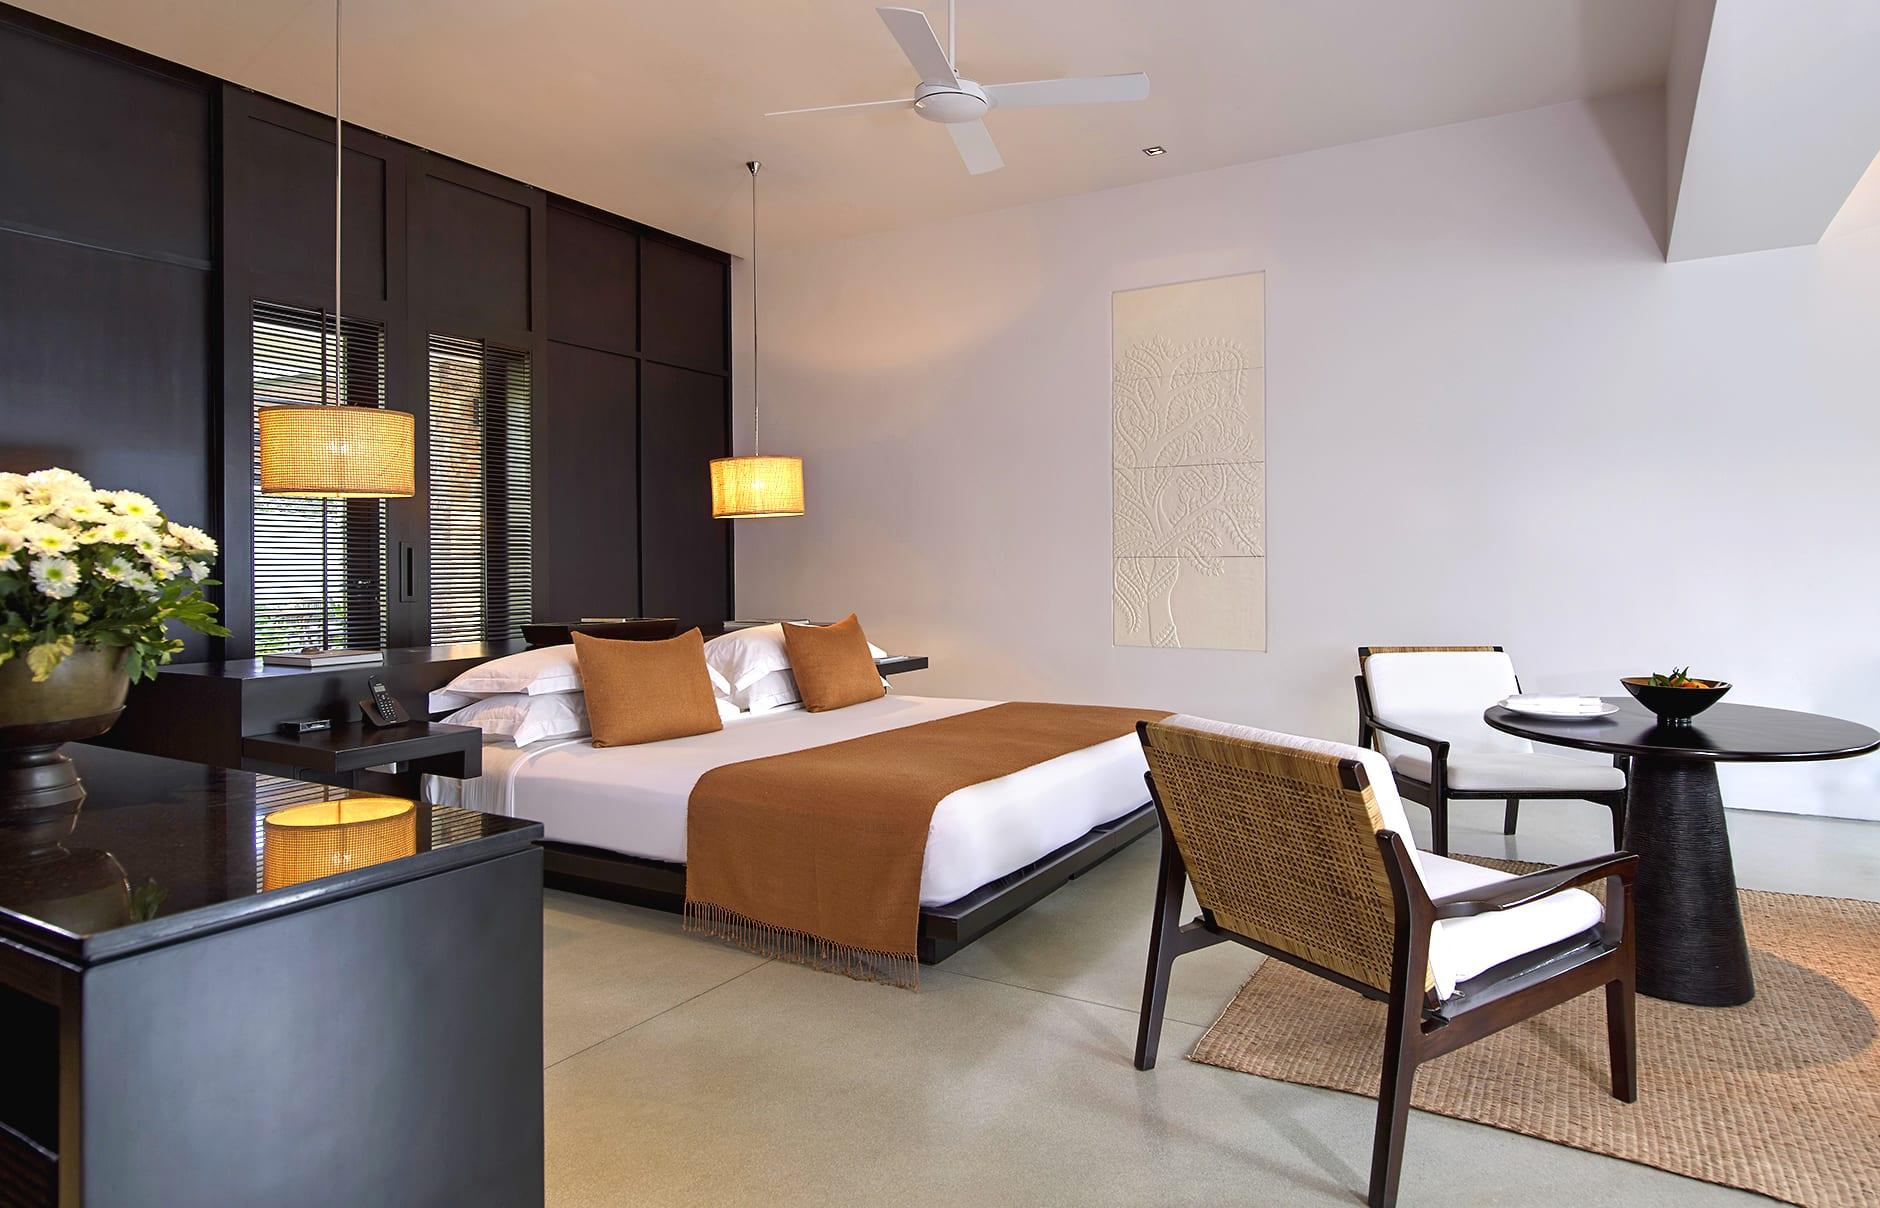 Amansara - Suite Interior. © Amanresorts